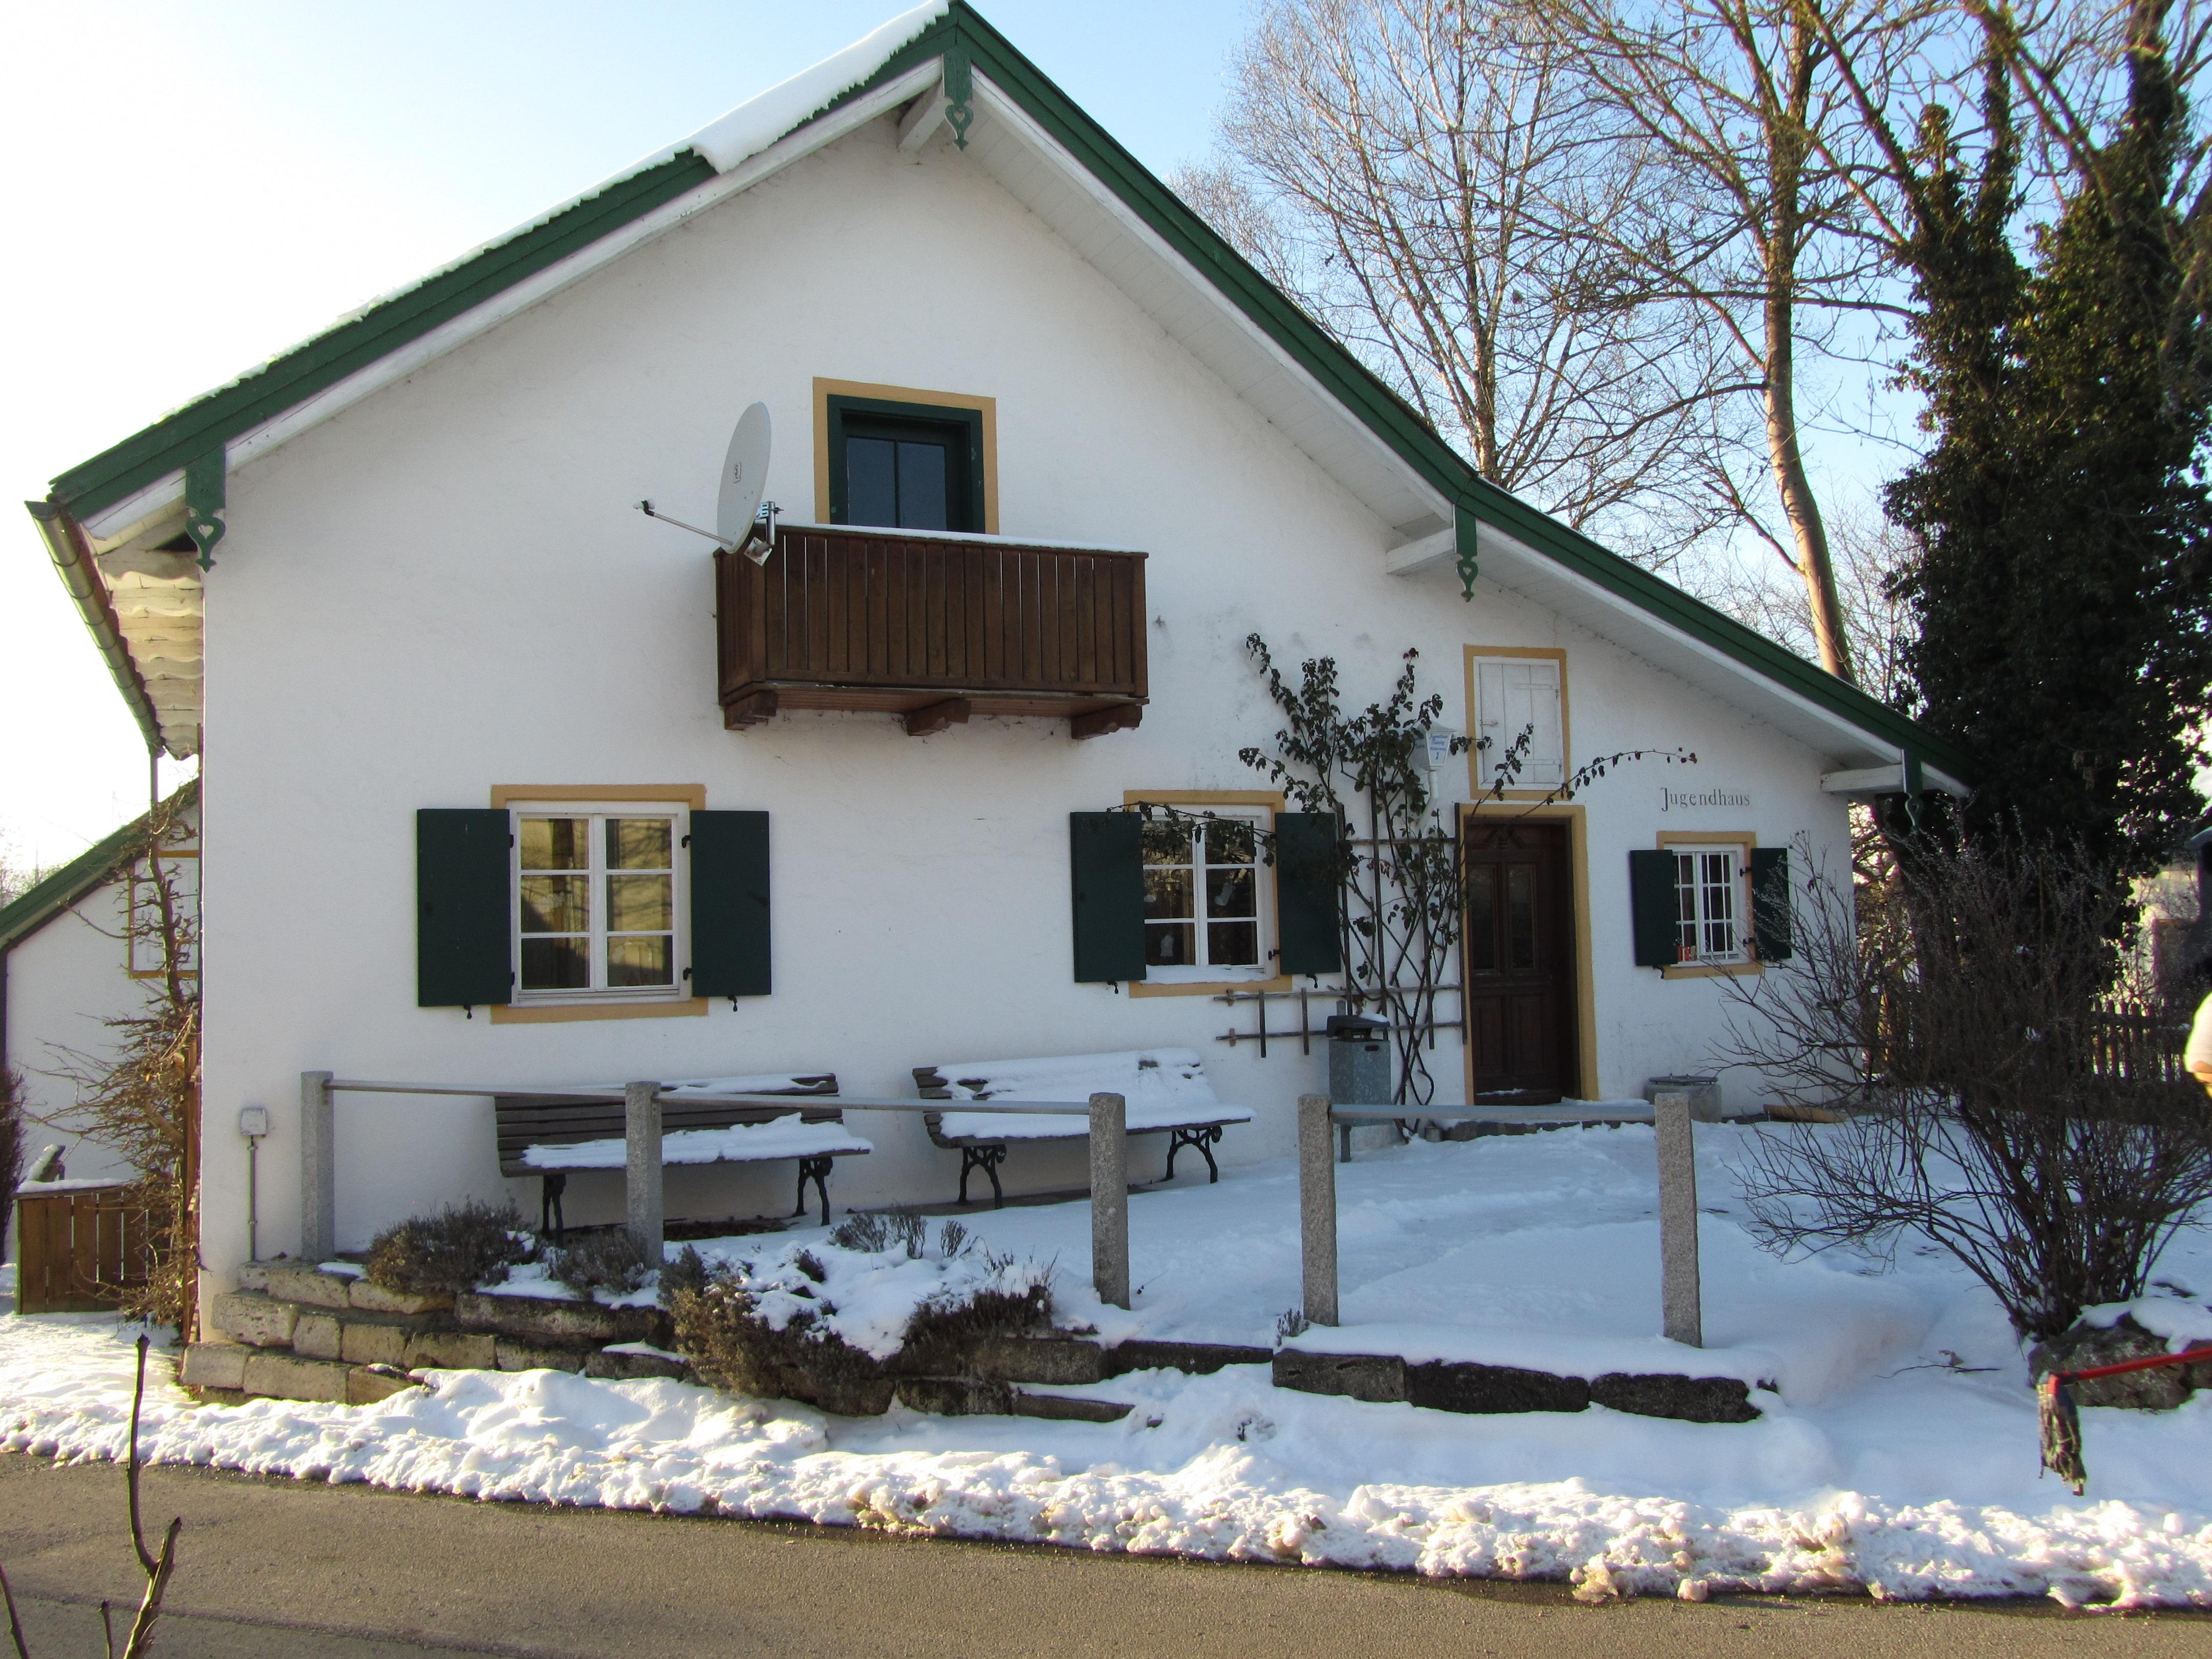 Jugendhaus